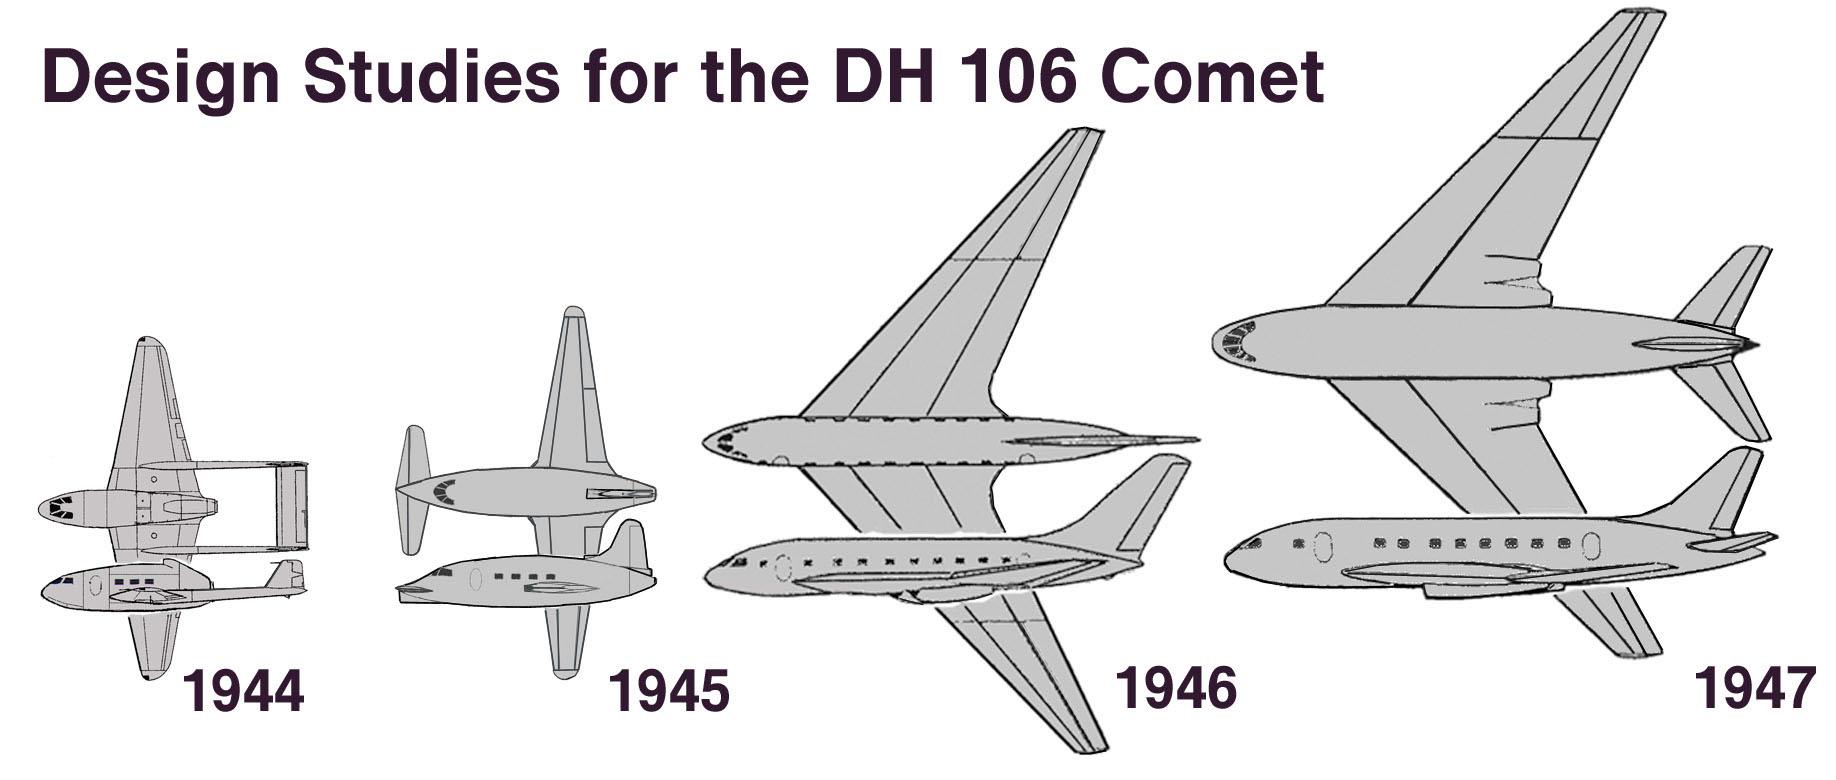 Soubor:Design Studies for the DH 106 Comet.jpg